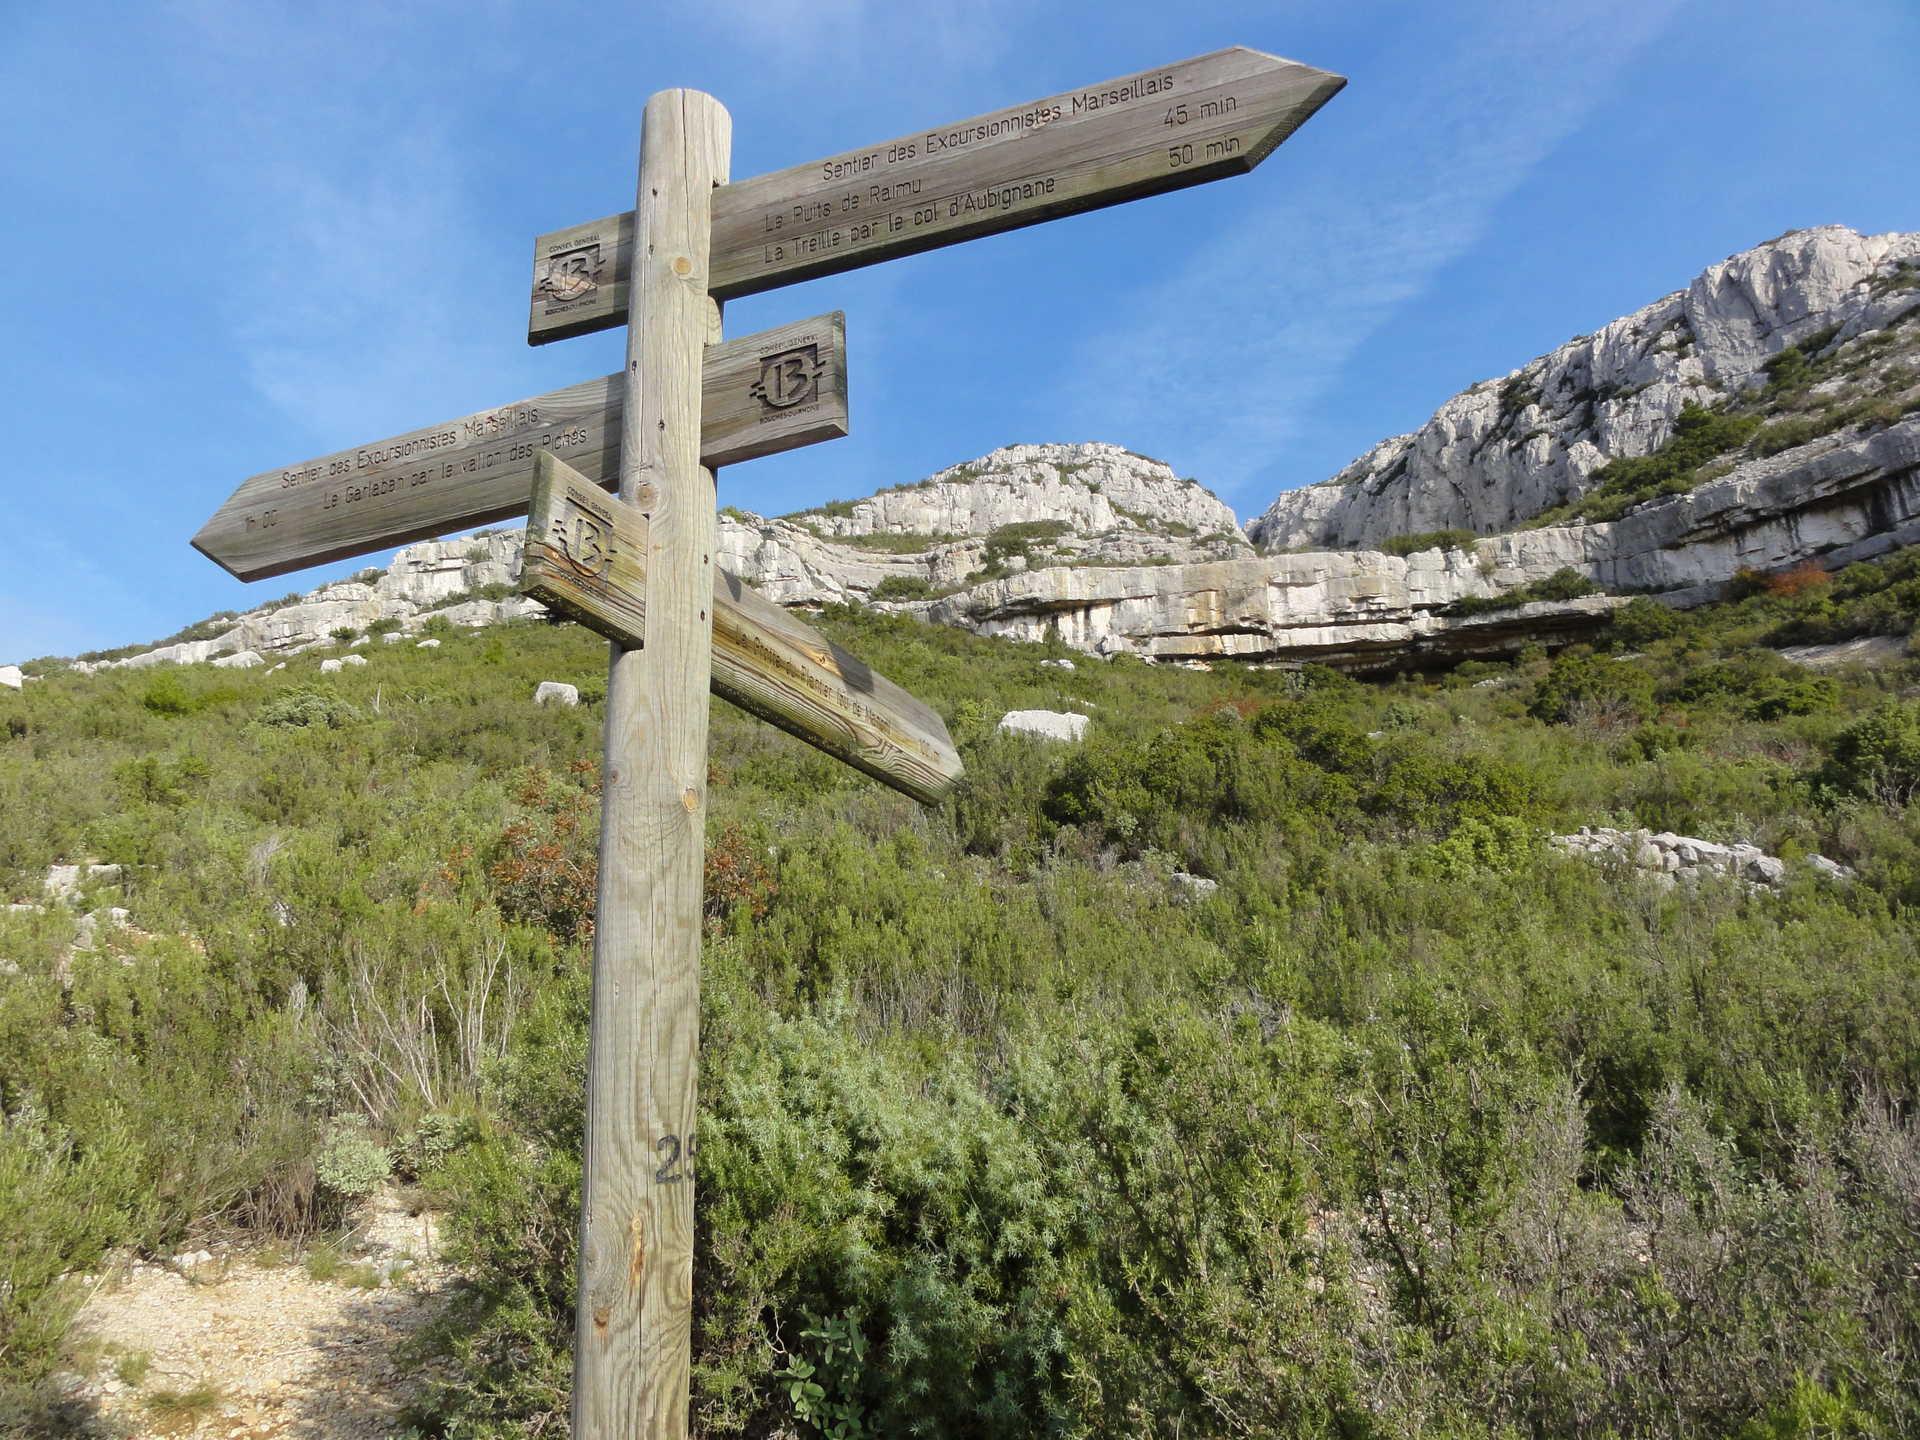 Panneau d'indication sur le sentier des excursionnistes marseillais